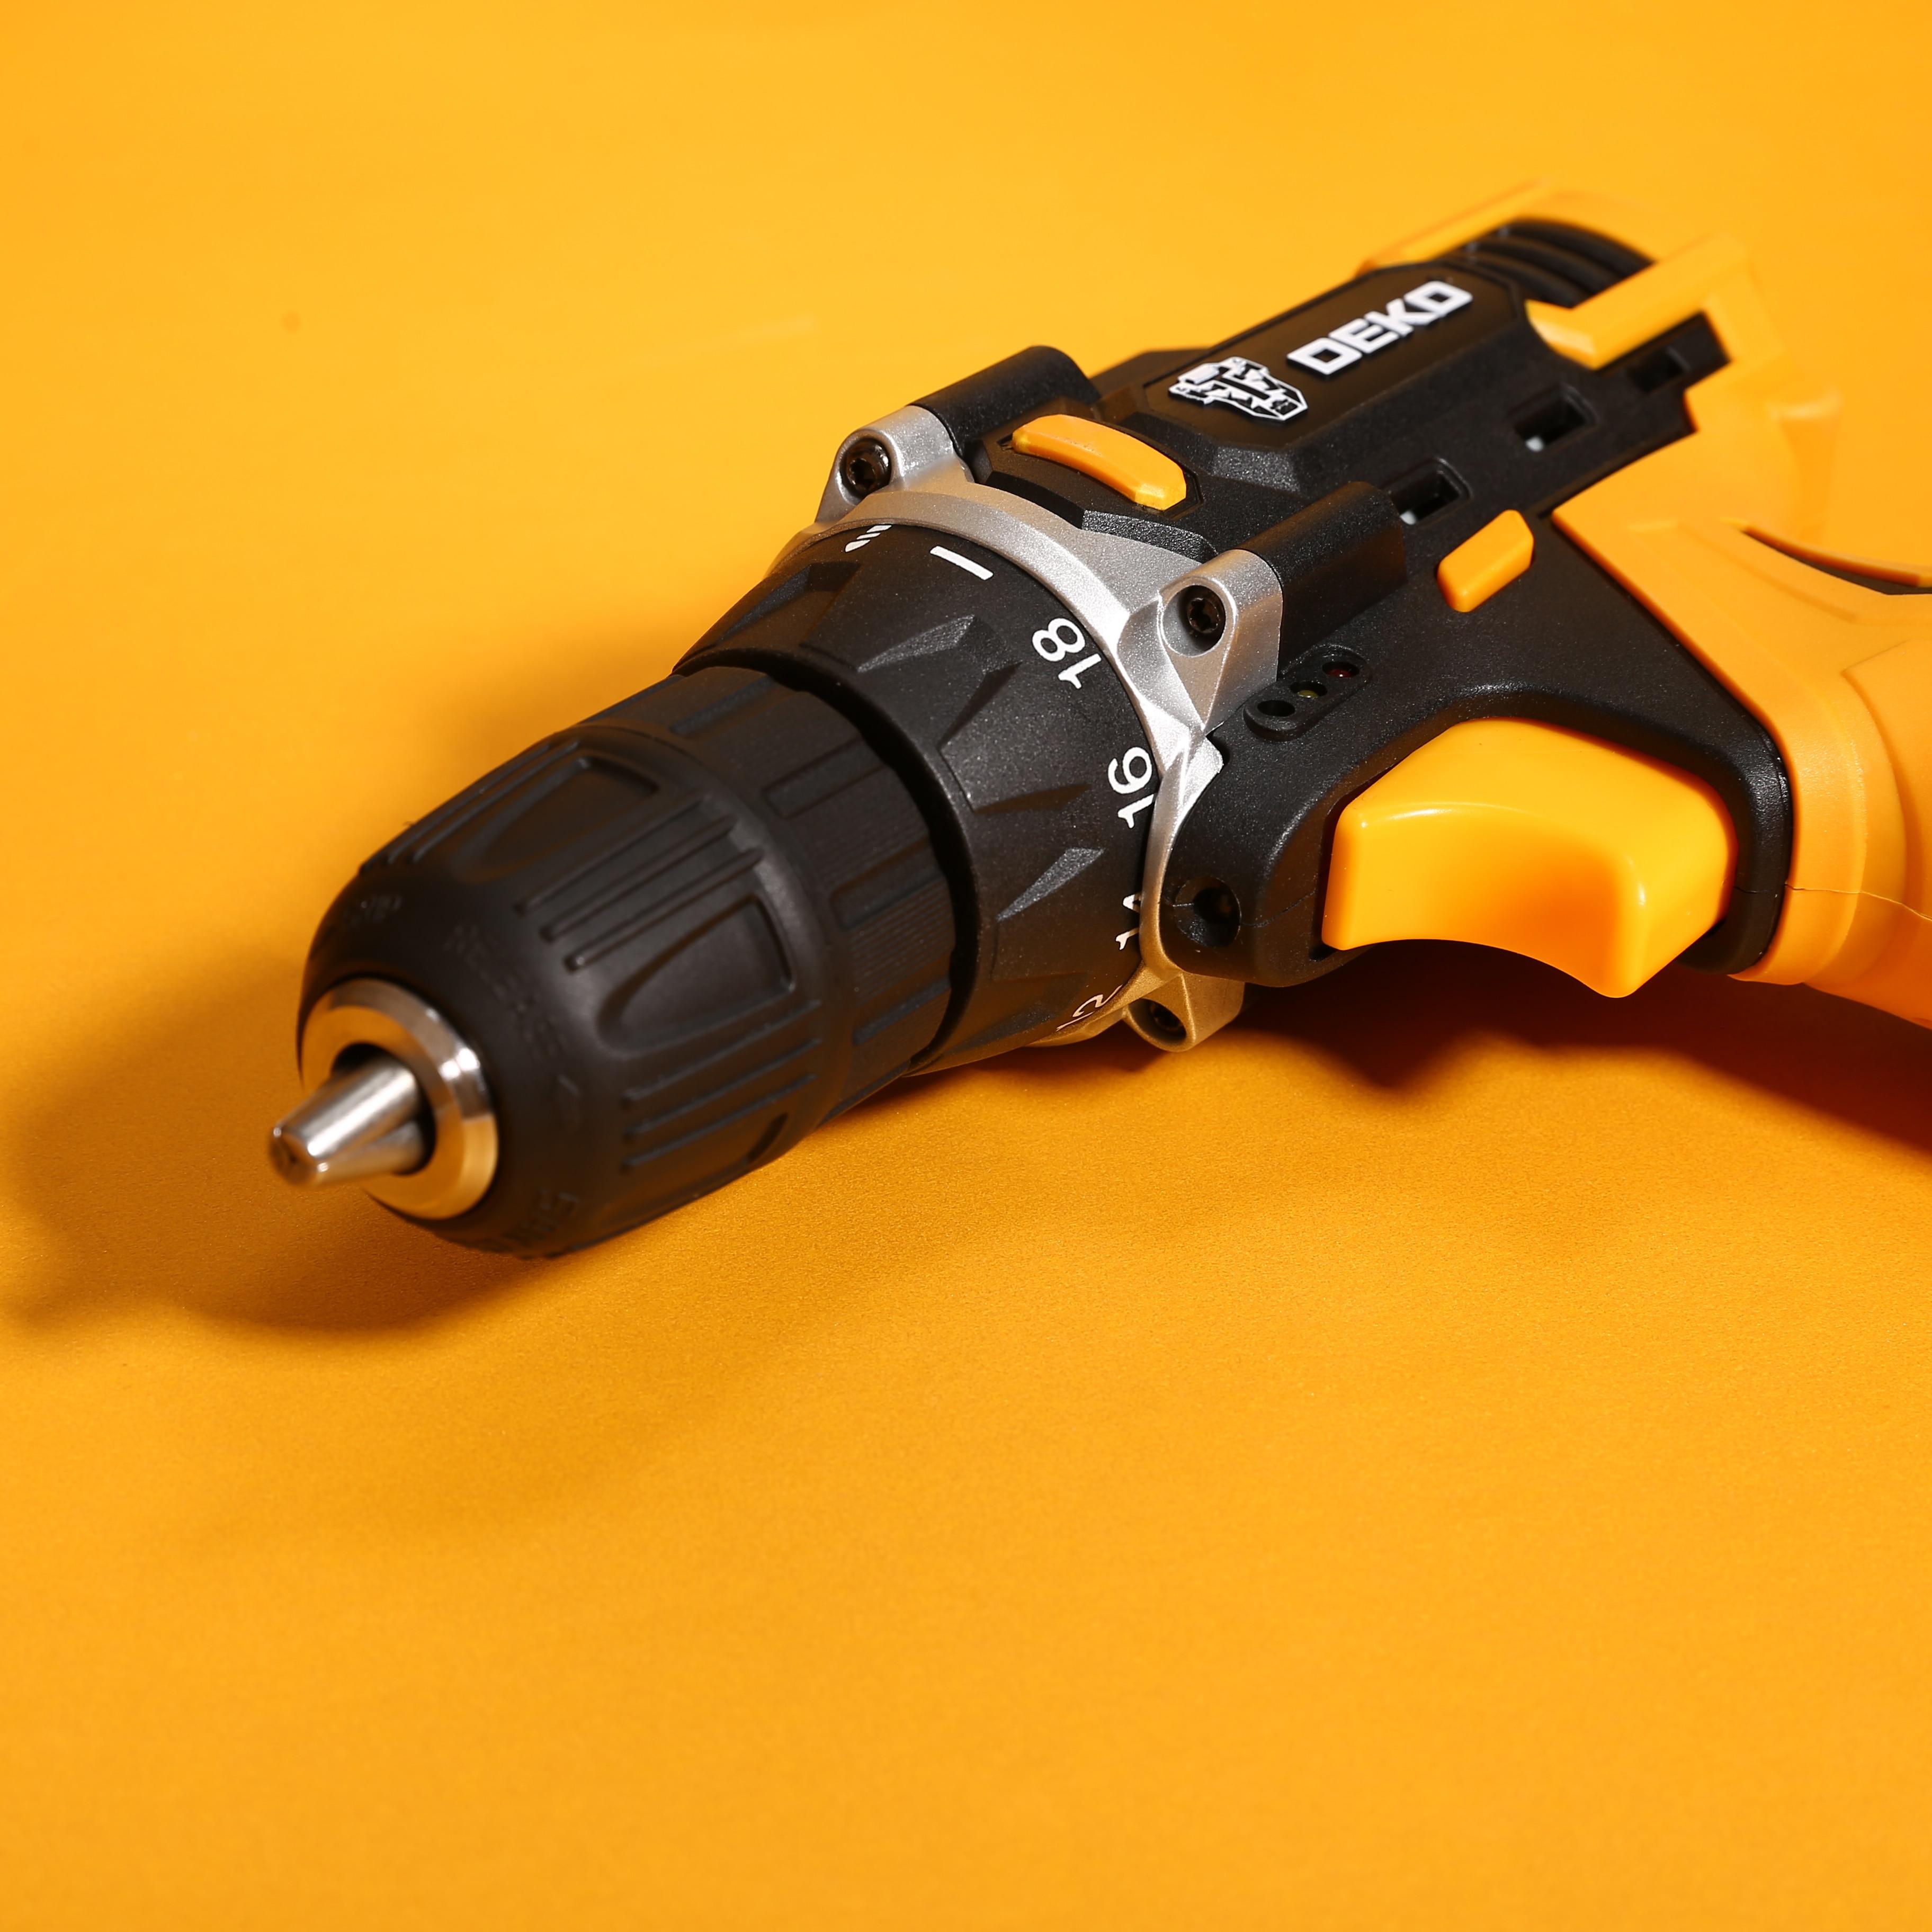 DEKO Новый Banger 12 В аккумуляторная дрель с литиевой батареей светодиодный светильник мини беспроводной драйвер питания DC электрическая отвер...